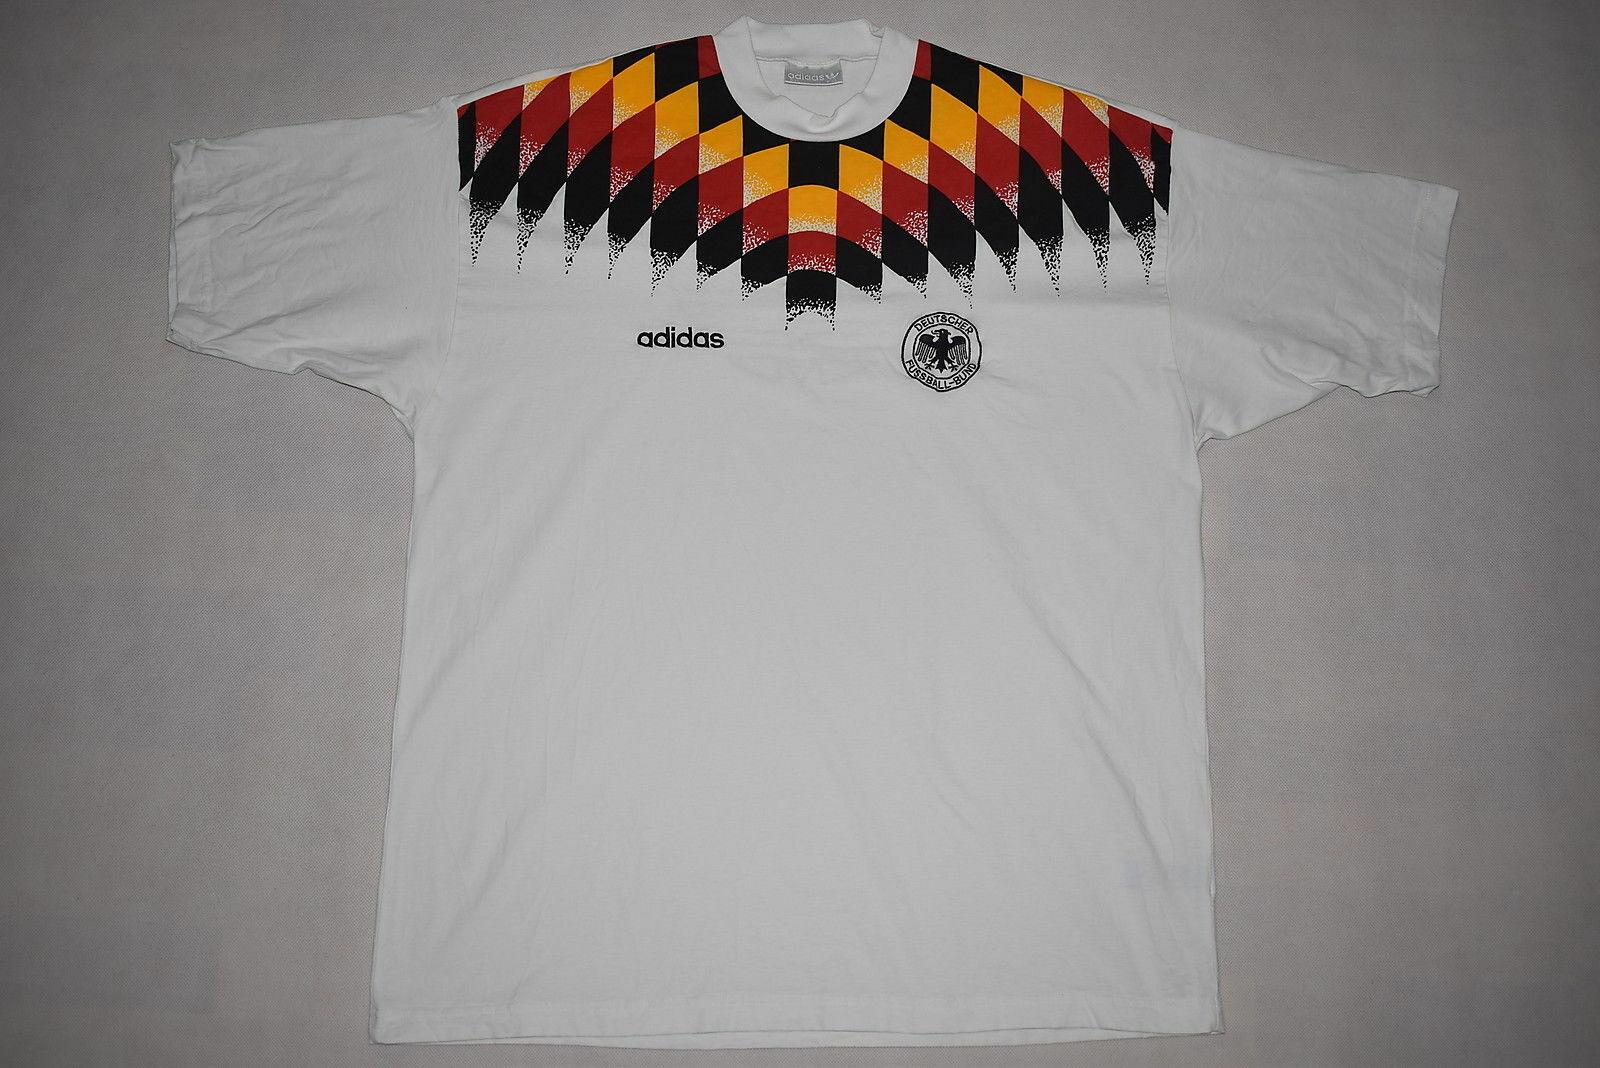 Jersey Trikot TShirt Weiß WM T Shirt Deutschland Adidas